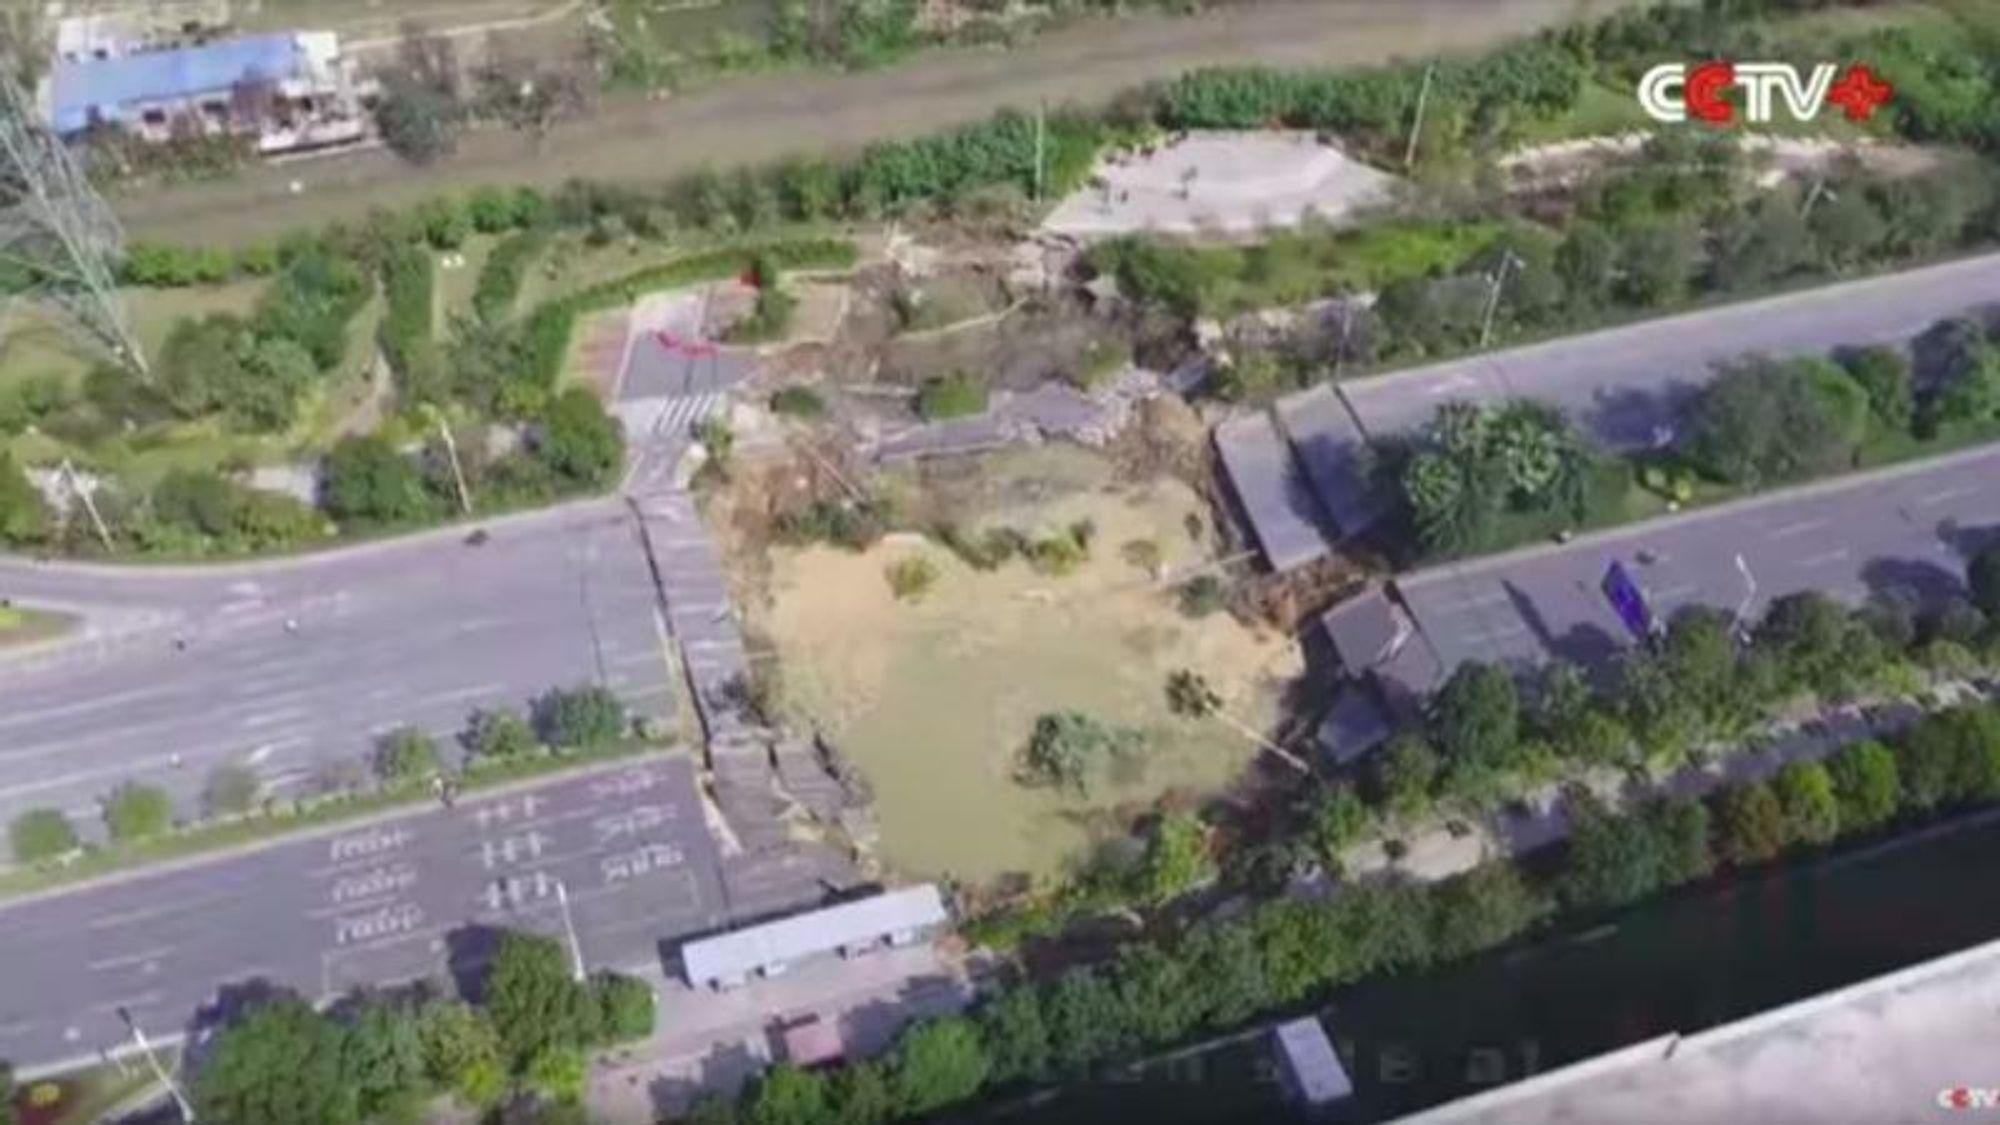 Et område på omkring 1000 kvadratmeter har kollapset over en tunnel i byen Foshan i den kinesiske Guangdong-provinsen. Årsaken kan ifølge mediet Tunneltalk være en utetthet i tunnelboremaskinen som var i ferd med å bore en ny t-banetunnel under veien. Ulykken kostet minst ti personer livet.